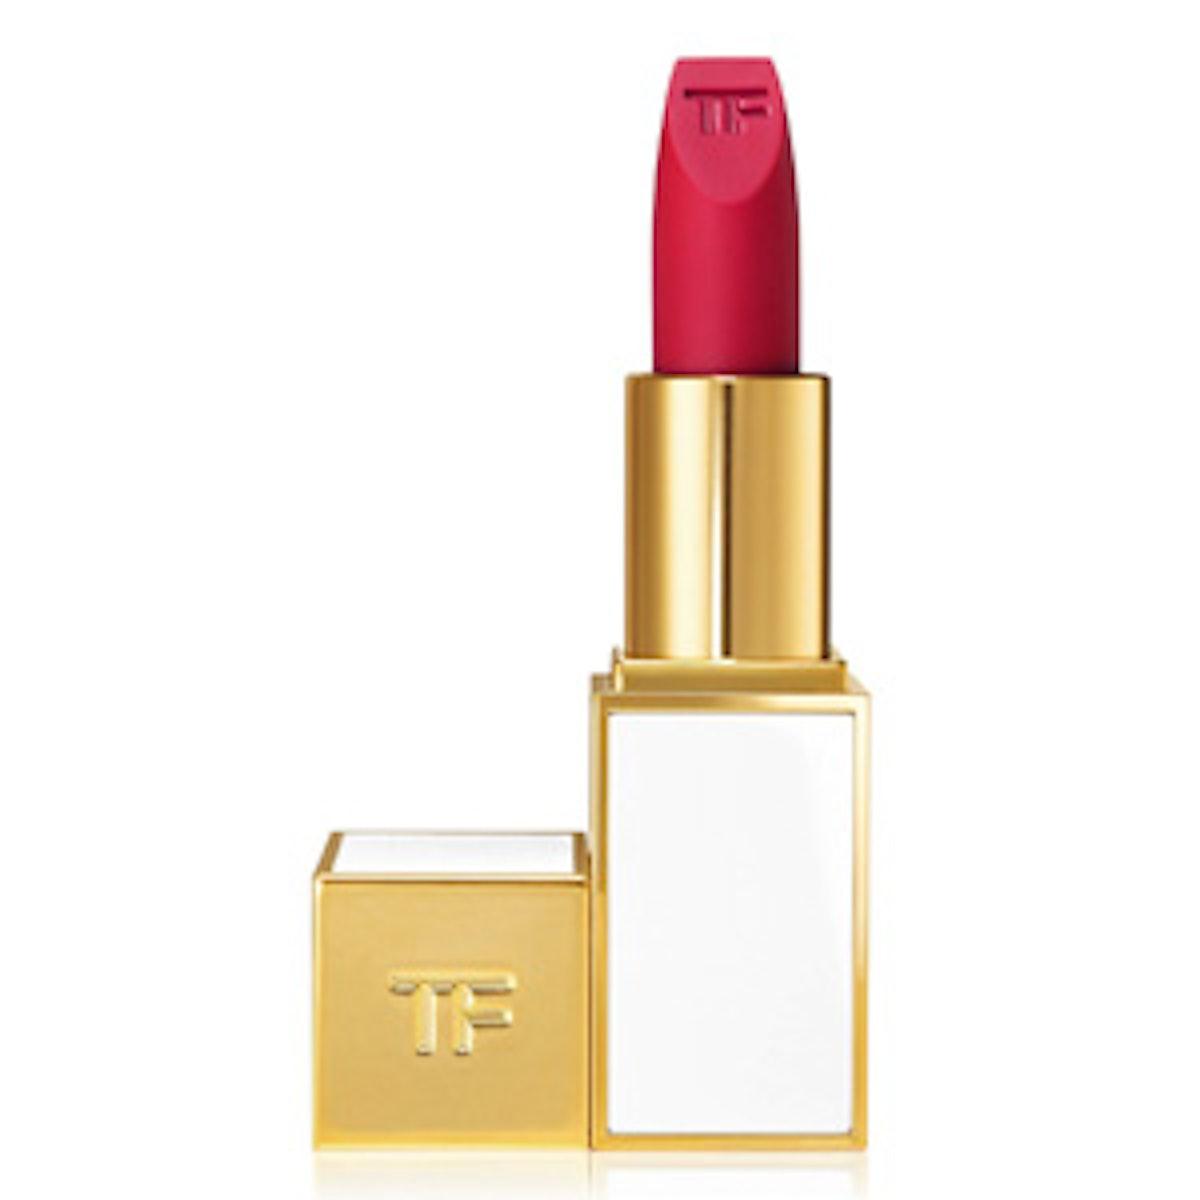 Ultra-Rich Lip Color in Aphrodite